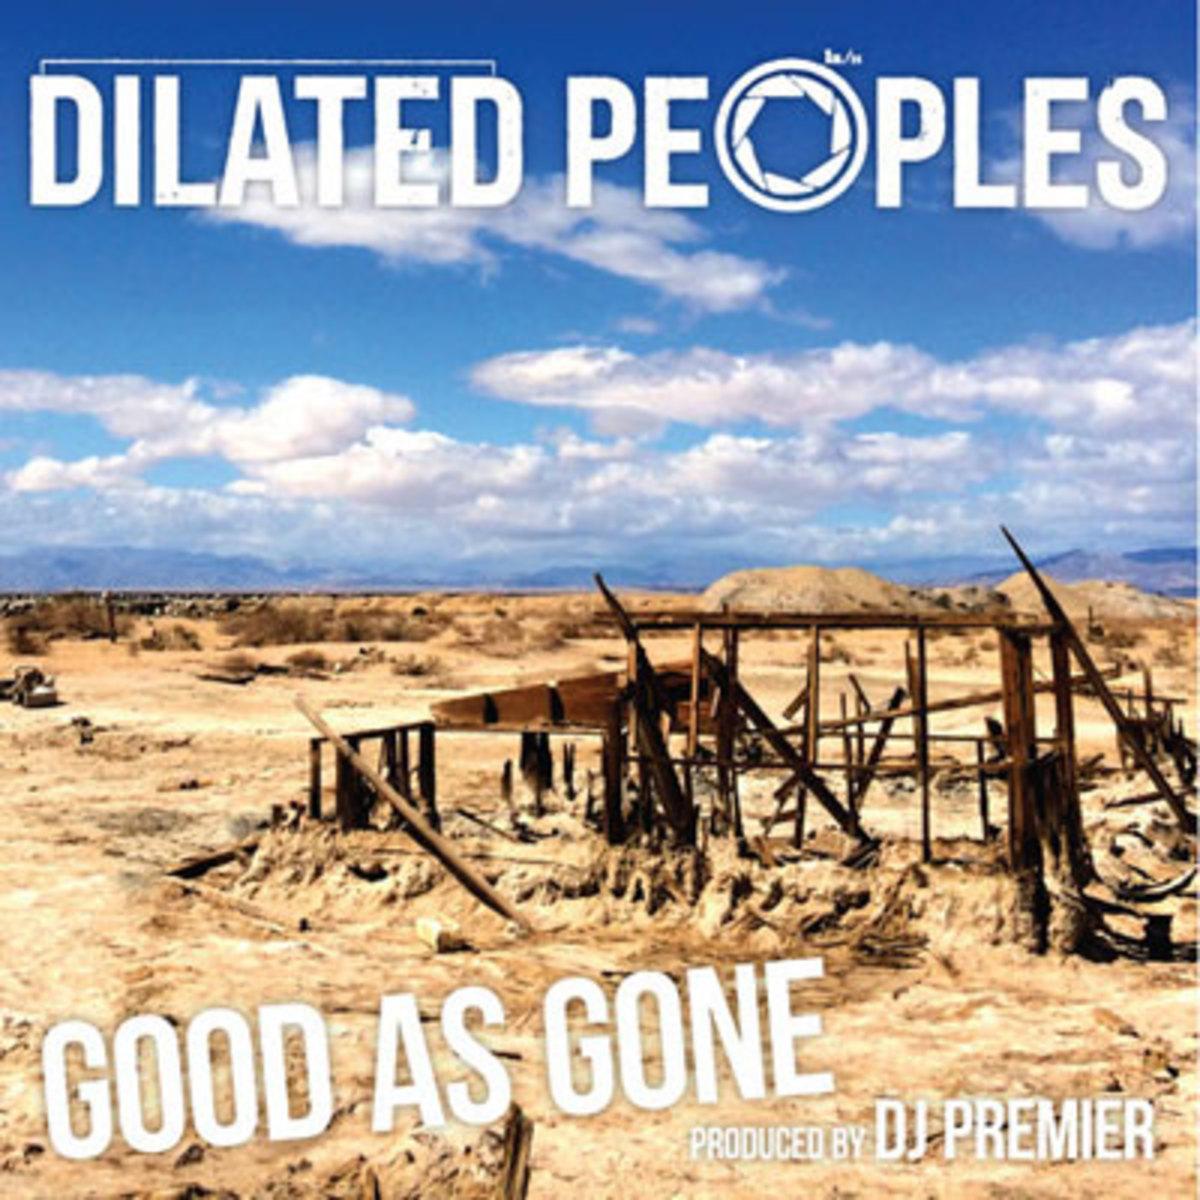 dilatedpeoples-goodgone.jpg